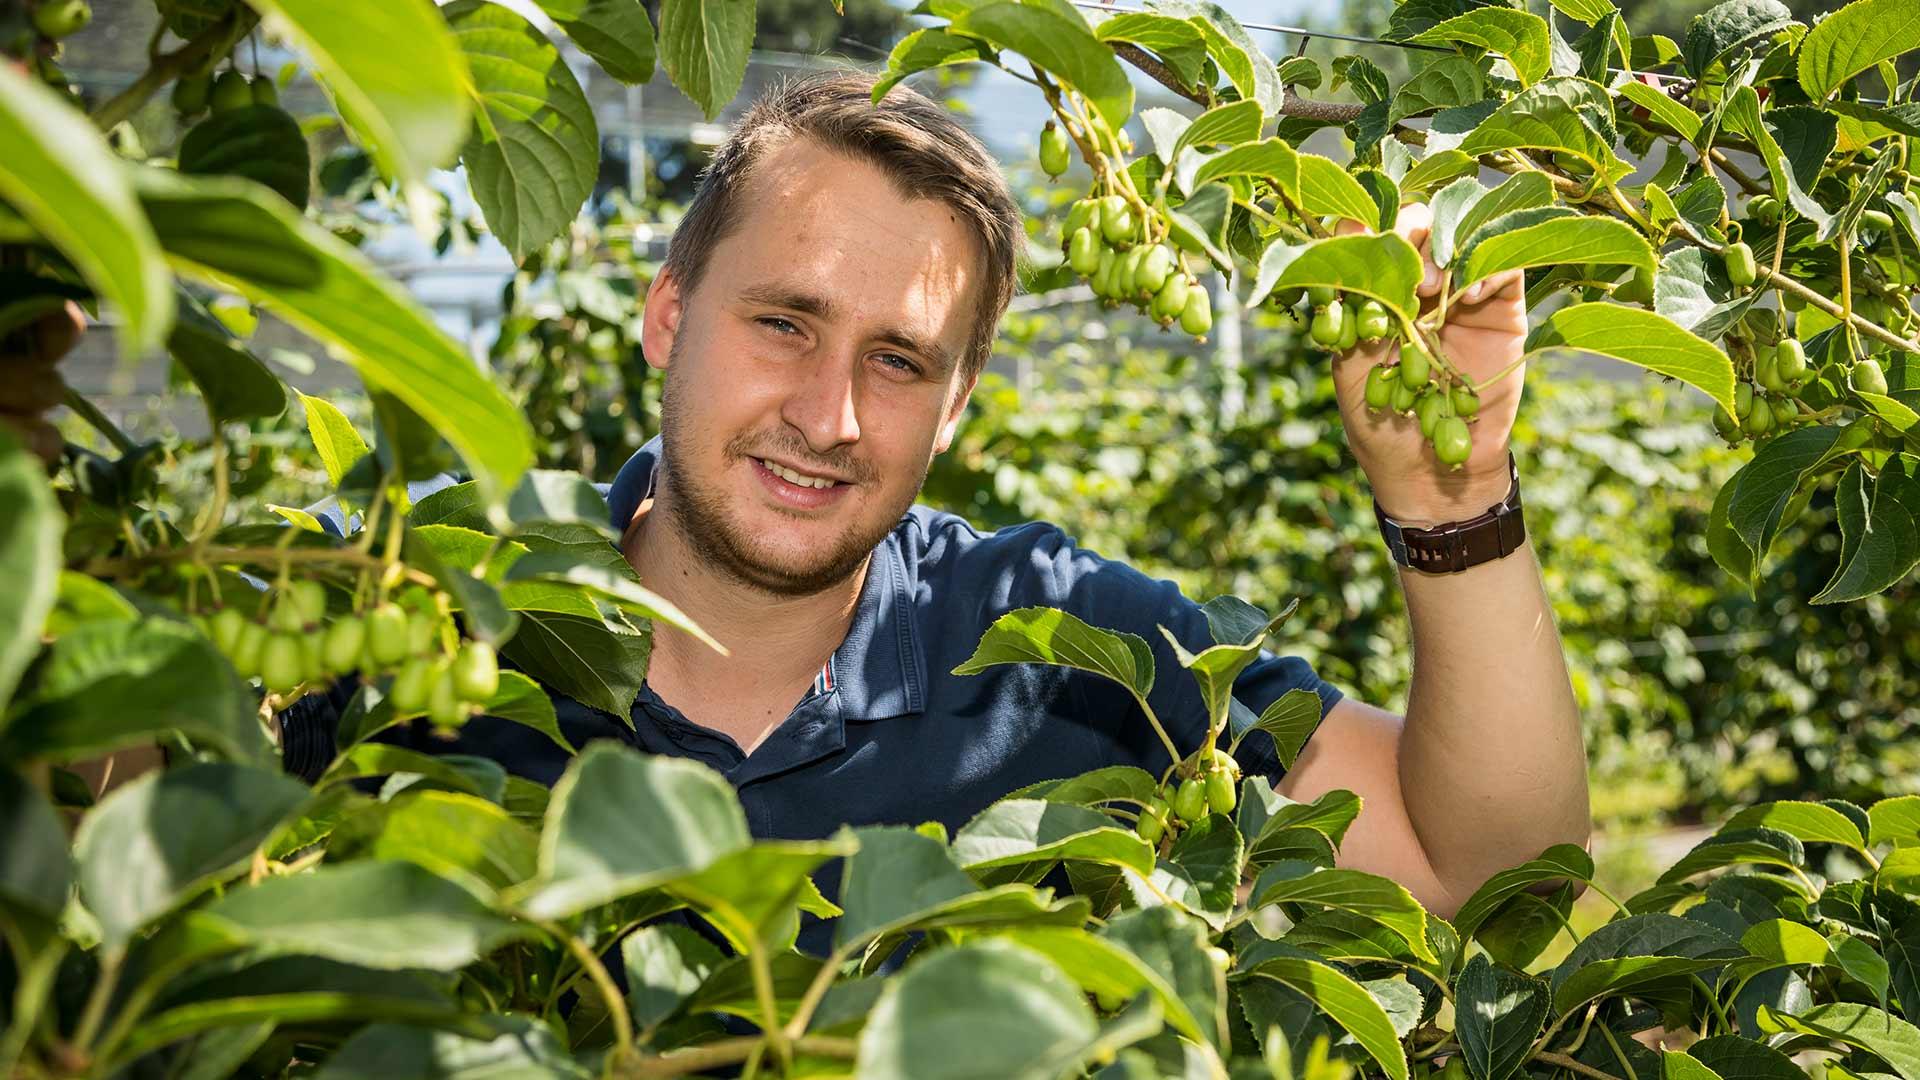 Beerengut Bauerngemeinschaft Straden Stefan Wei?